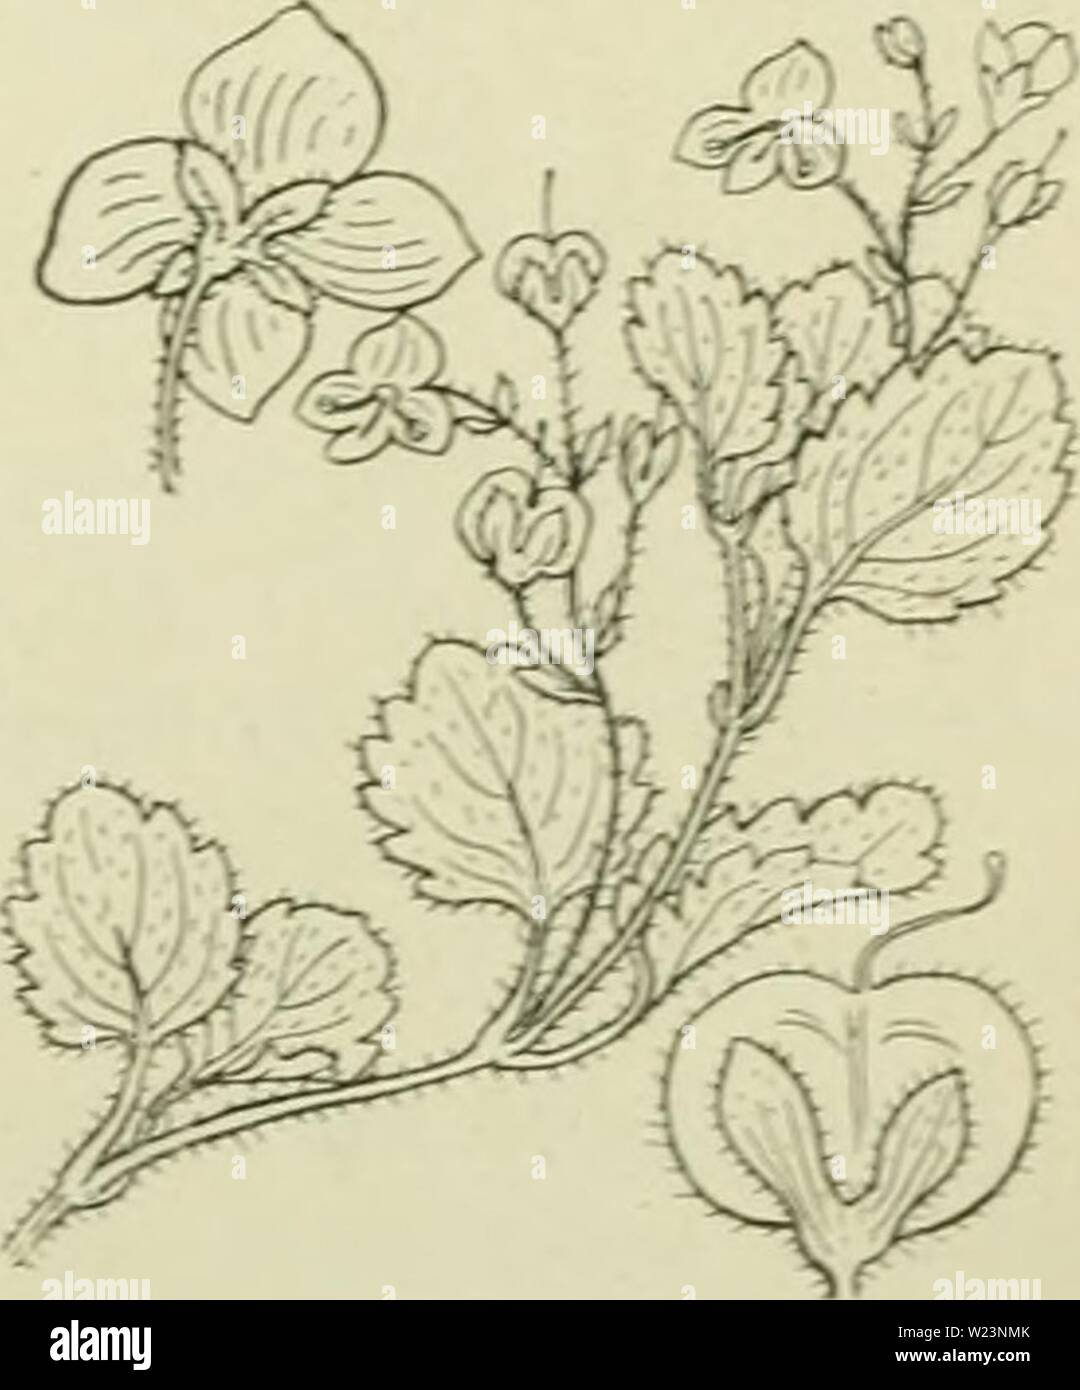 Archive image from page 176 of De flora van Nederland (1909-11). De flora van Nederland  defloravannederl03heuk Year: 1909-11.  Bloem van Veronica Beccabunga Fig. 186. a kelk, b bloemkroon, c meeldraden, d vrucht- beginsel, e stijl, ƒ stempel. y. répens ') Cop. Stengel geheel kruipend. o. minor-) Schldl. Bladen kleiner, rondachtig. Op drogere plaatsen. Ook hiervan is een forma repens met kruipenden stengel gevonden. Biologische bijzonderheid. Over het openspringen der vruchten zieV.Anagallis. De bloemen (fig. 186) zijn proterogynisch. Als zij in de zon goed open zijn, staan de meeldraden iets - Stock Image